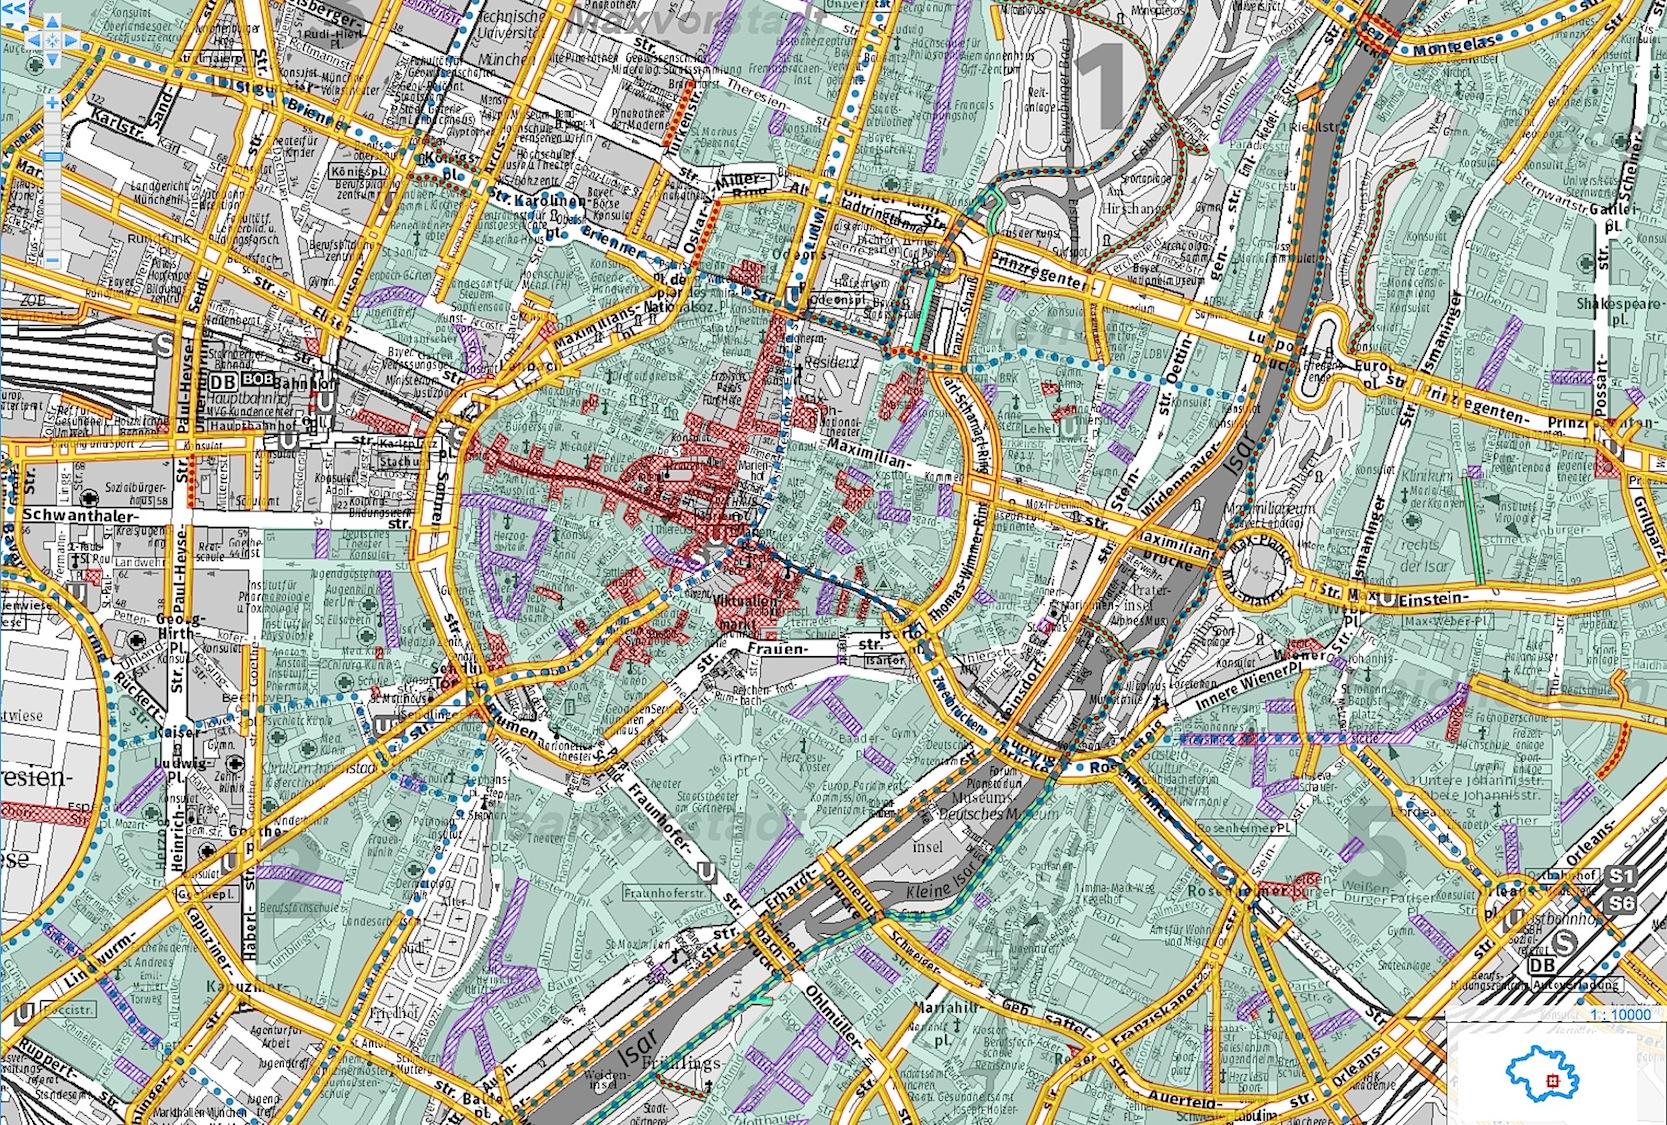 Der Münchner Fahrradstadtplan erfordert schon deutlich mehr Aufmerksamkeit, um einen schnellen Weg durch die Stadt zu finden.